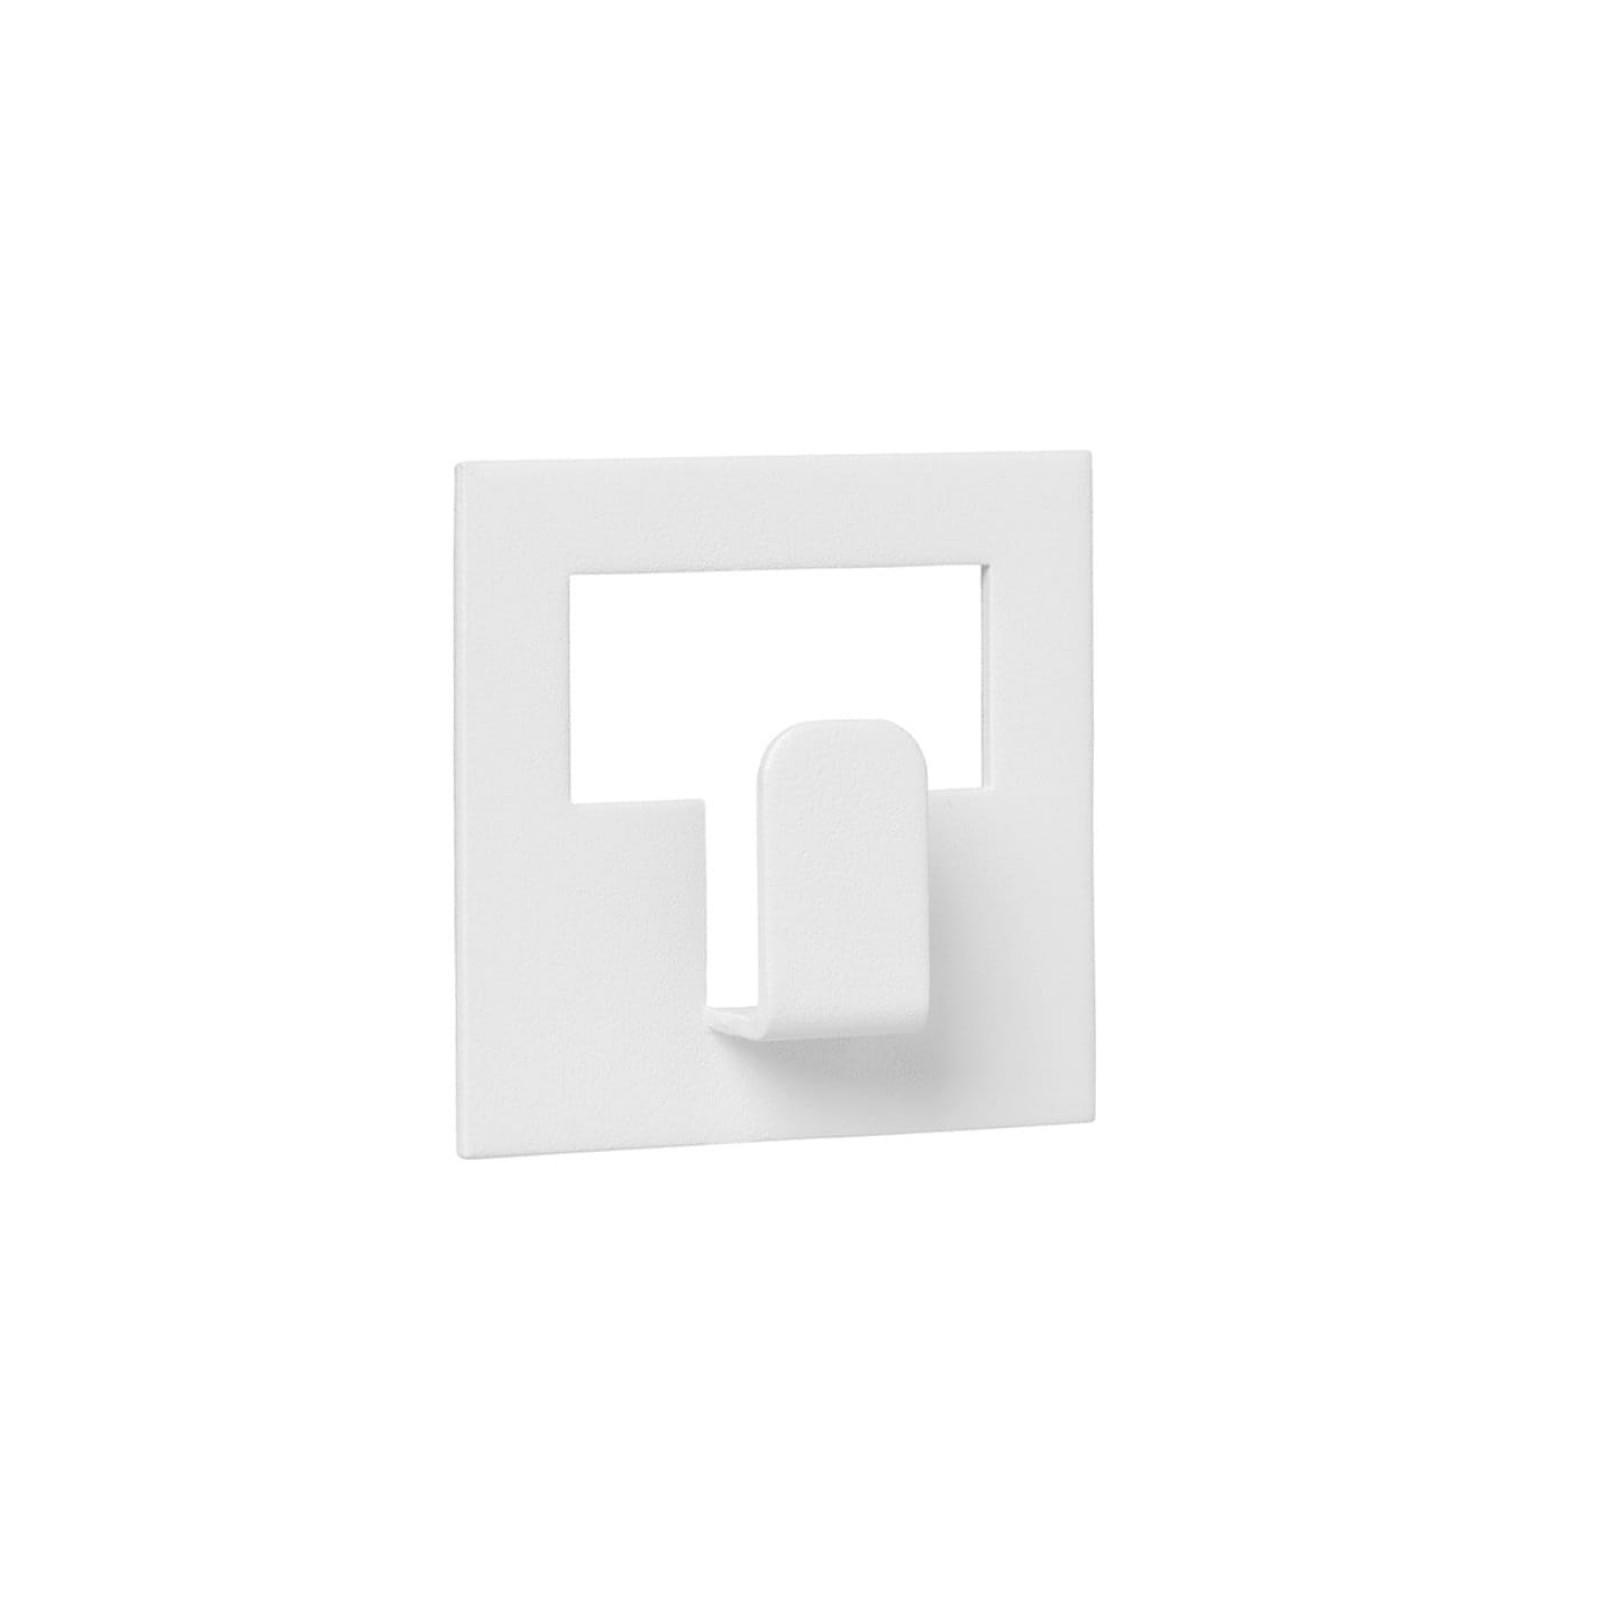 VINDO Towel Hook S (White) - Blomus